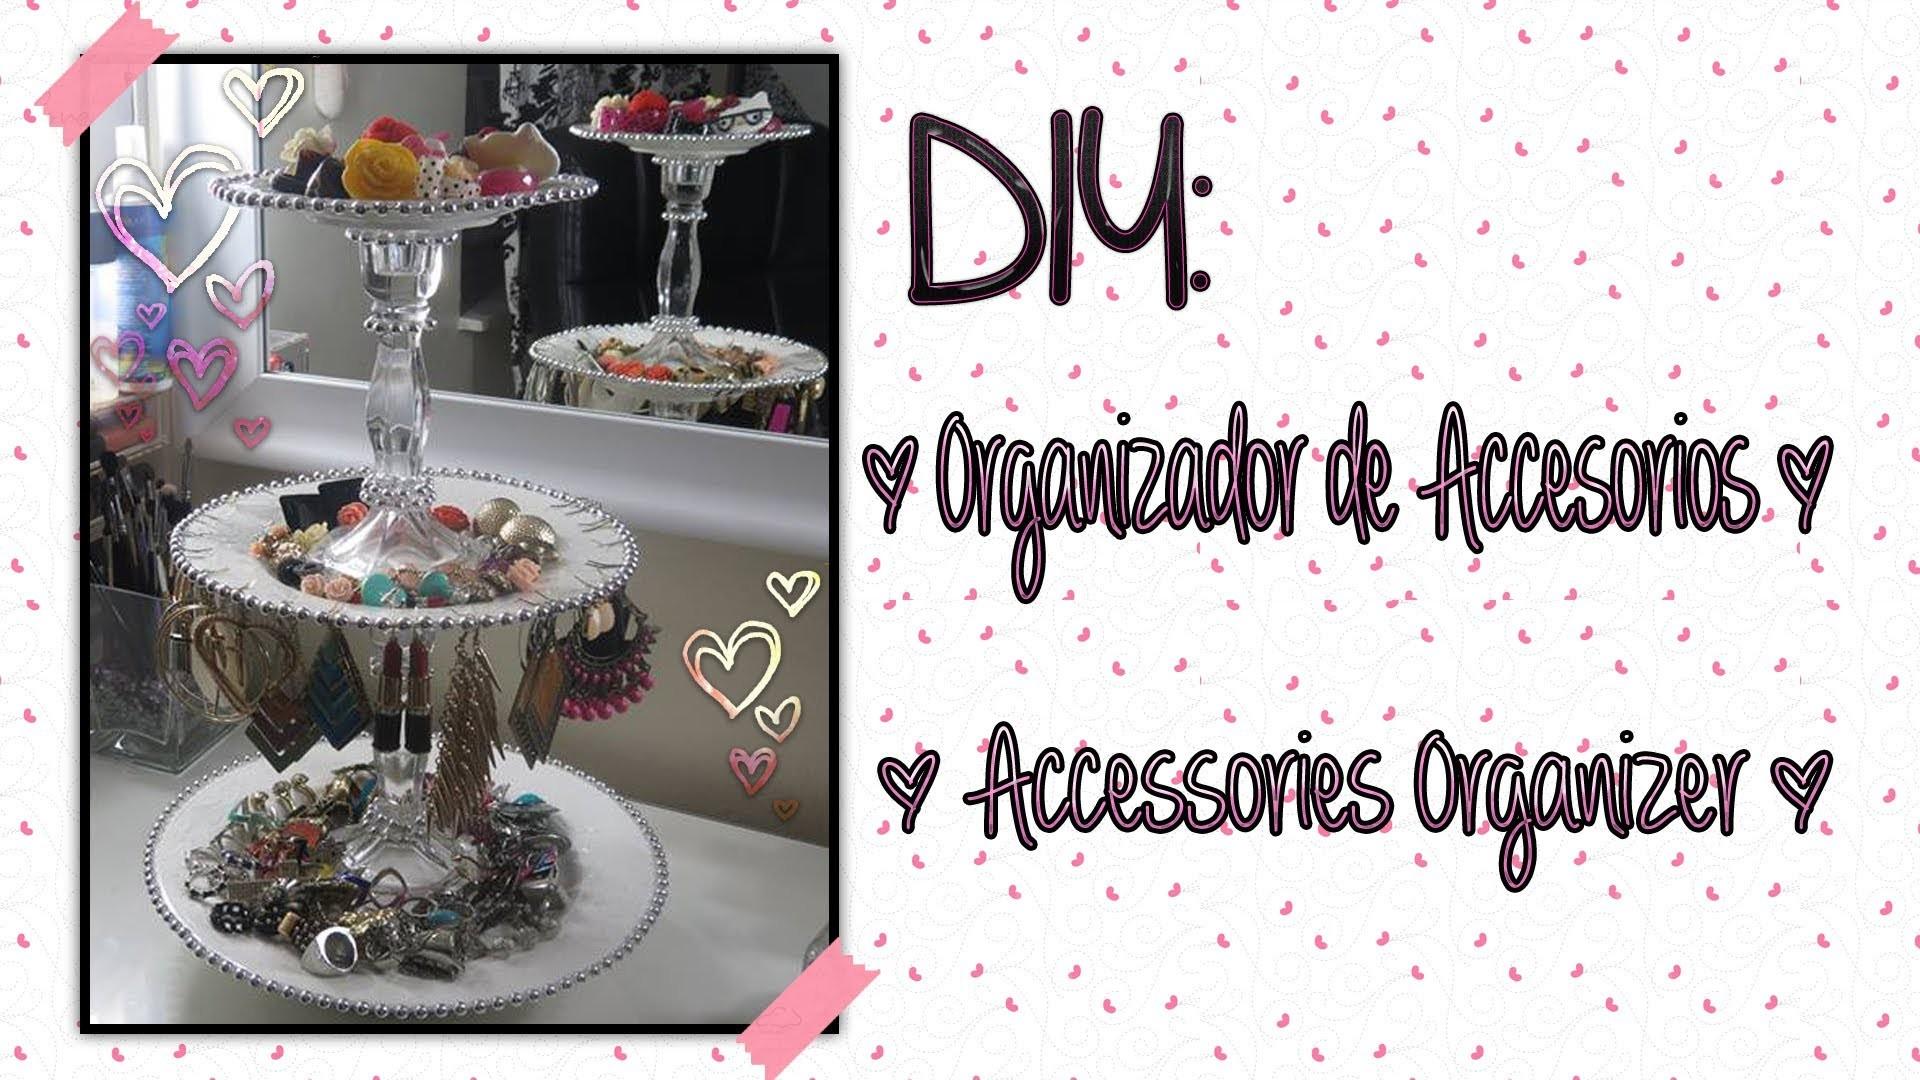 DIY Organizador De Accesorios.Accessories Organizer!!